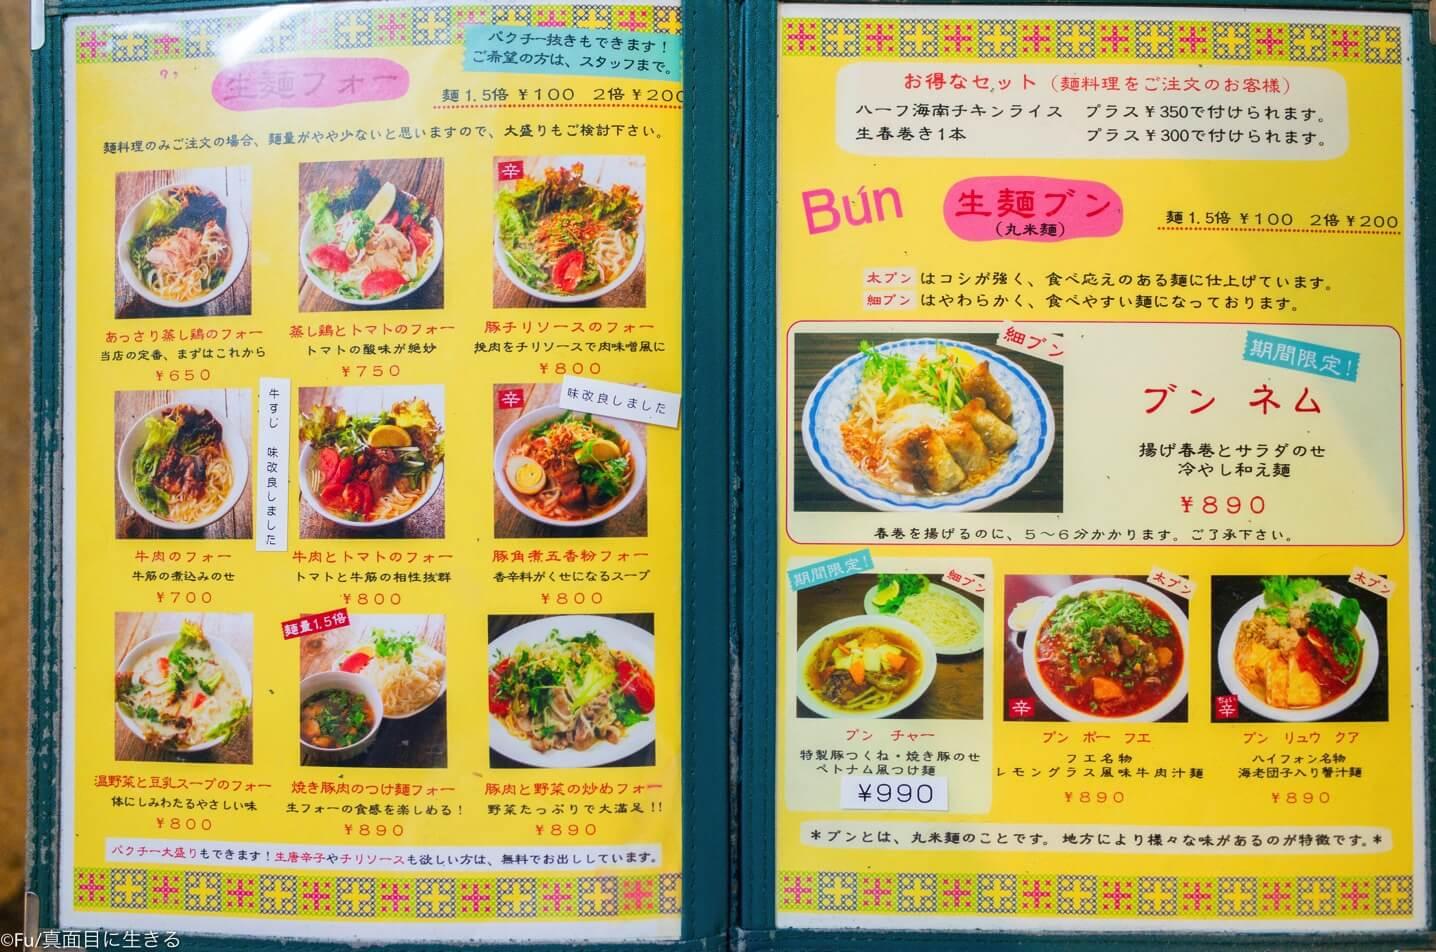 チョップスティックメニュー麺